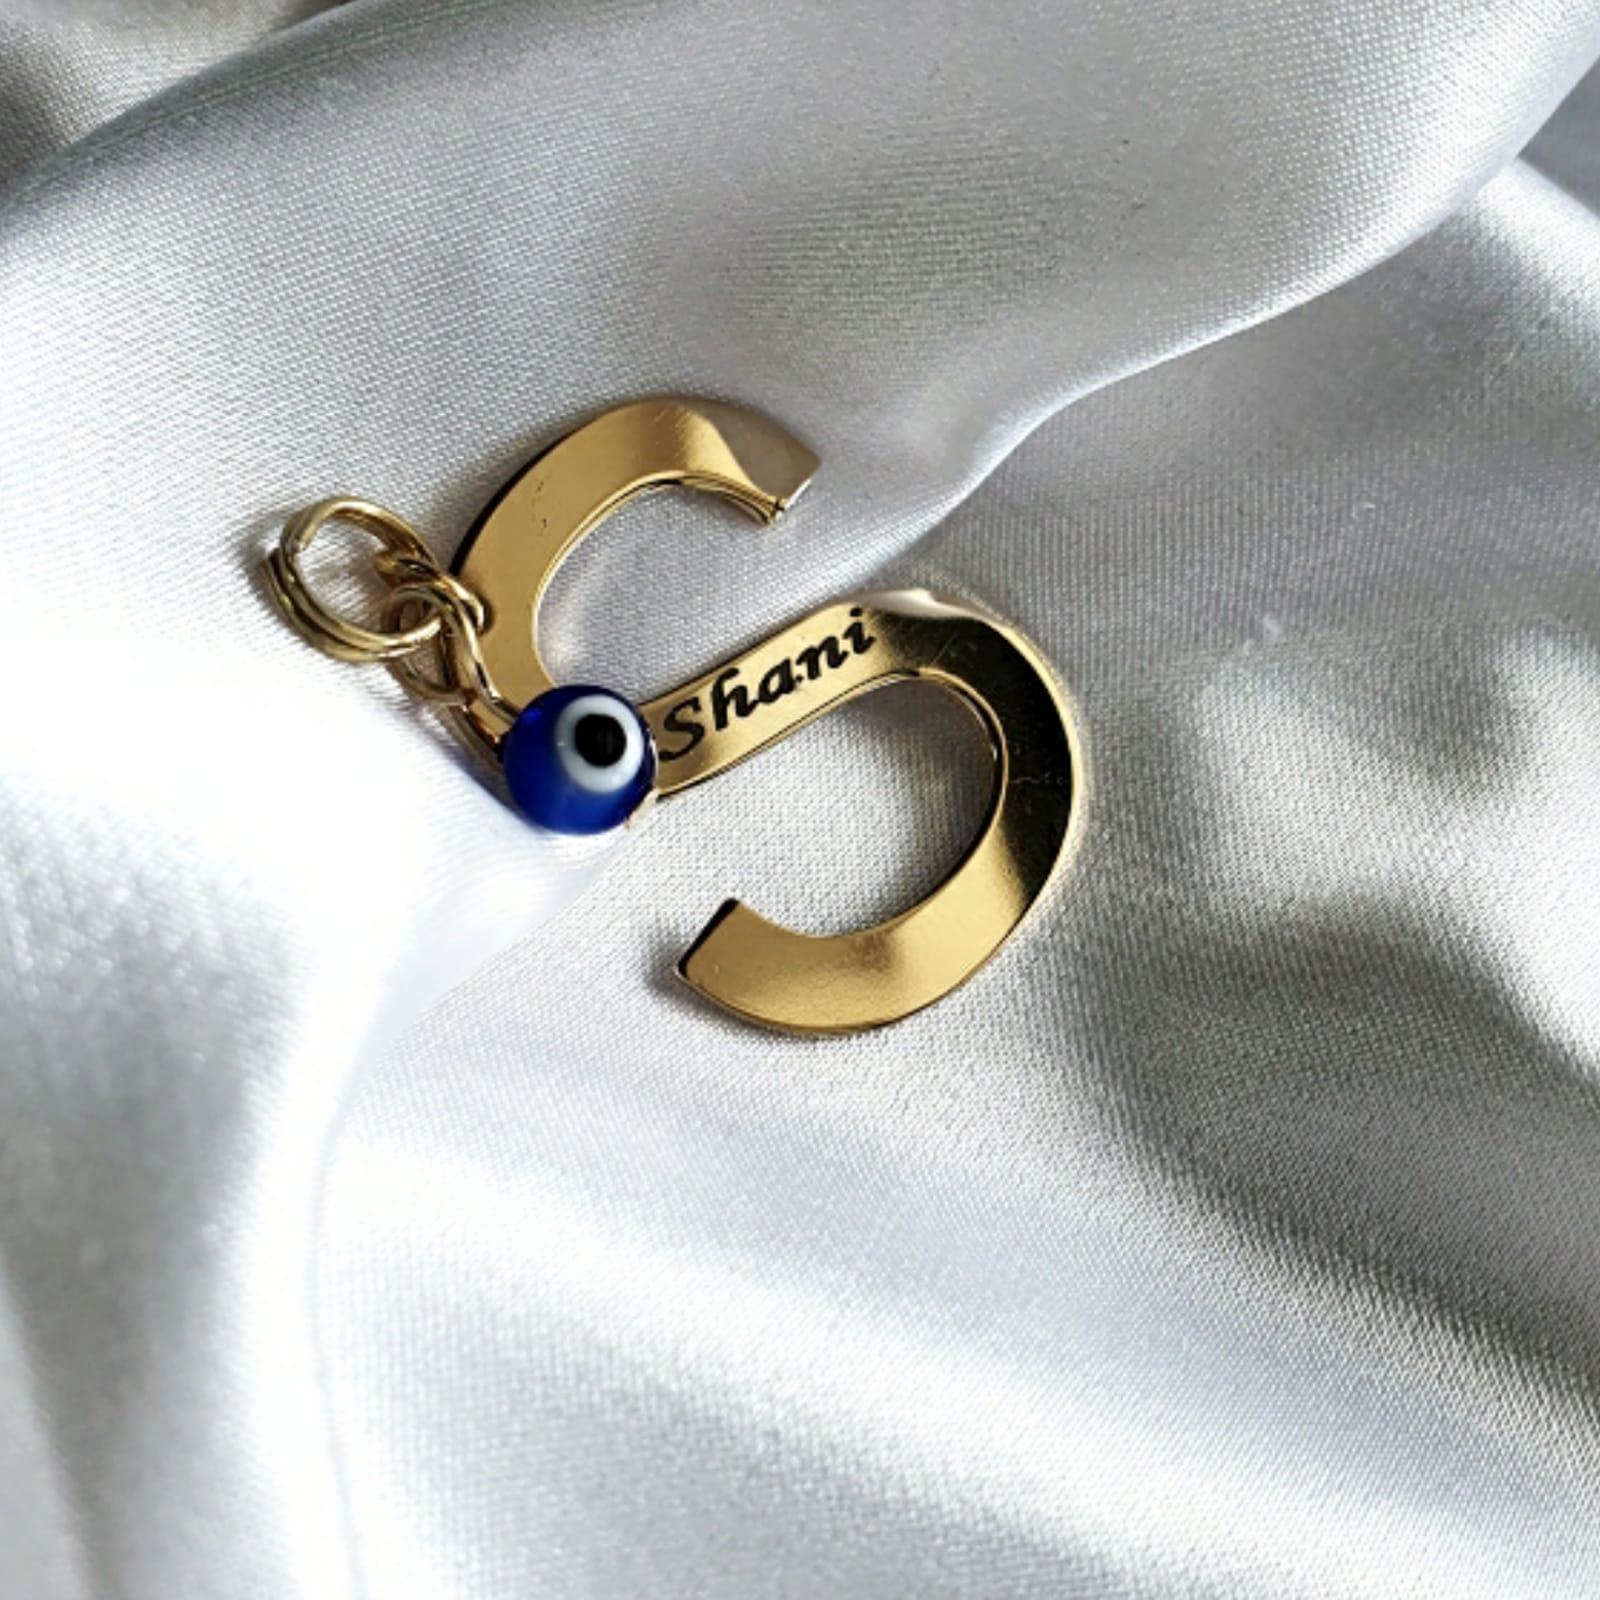 מחזיק מפתחות אות באנגלית וחריטה זהב